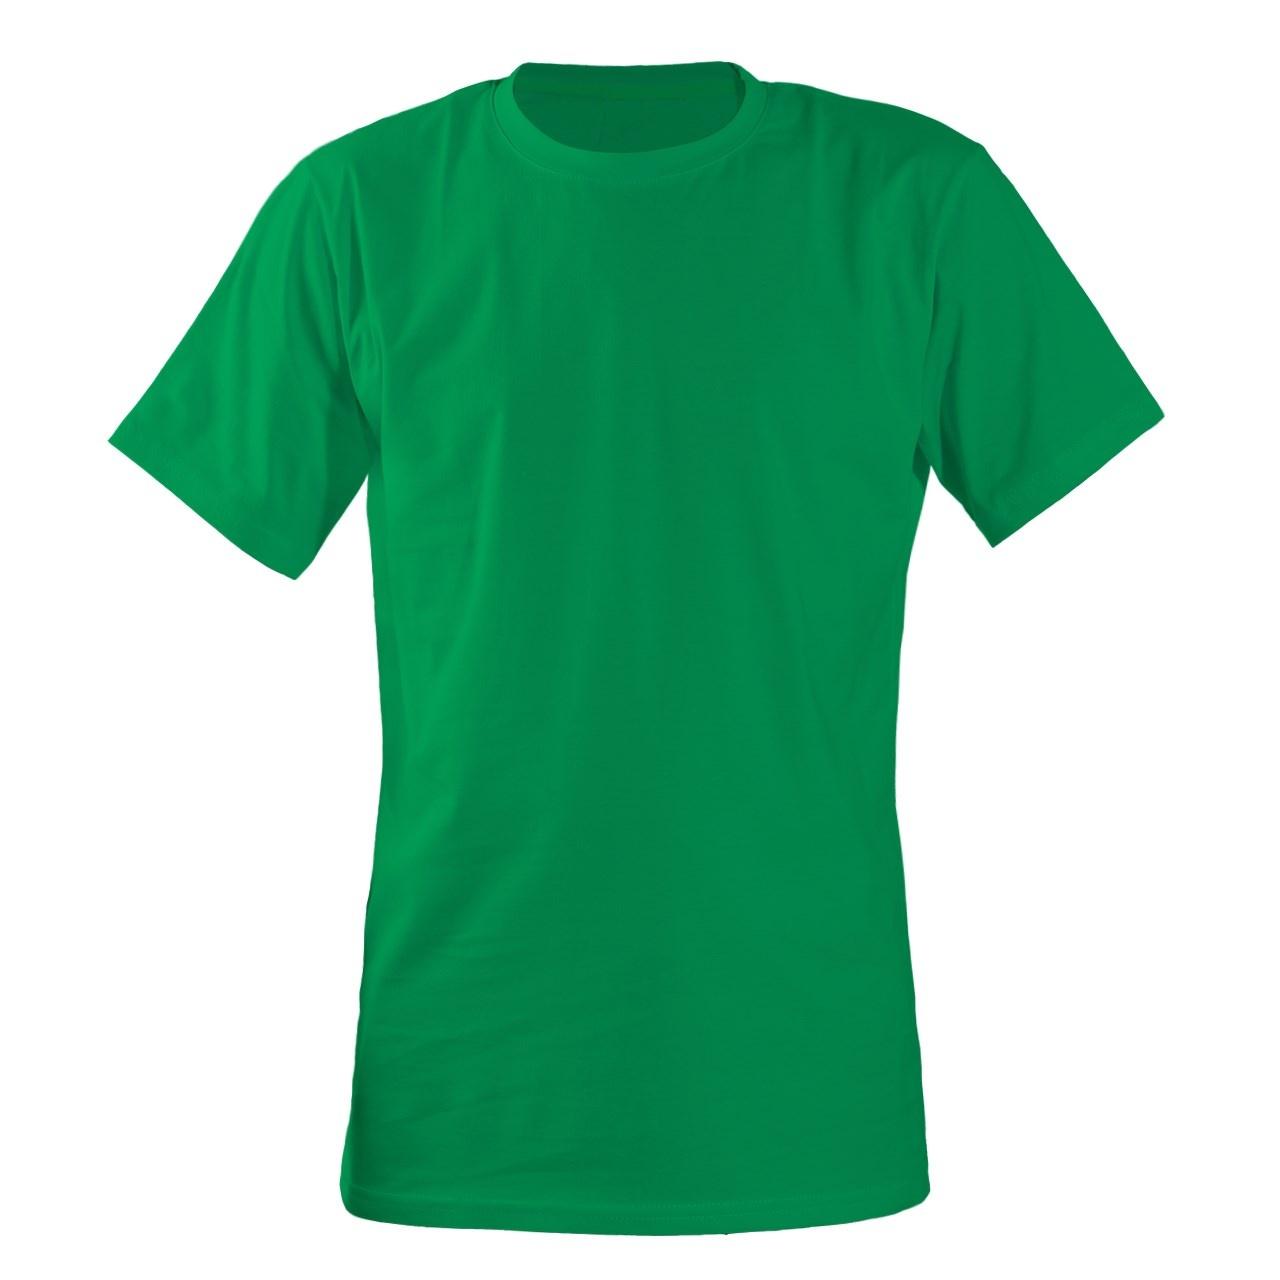 تی شرت مردانه مسترمانی مدل ساده کد 0